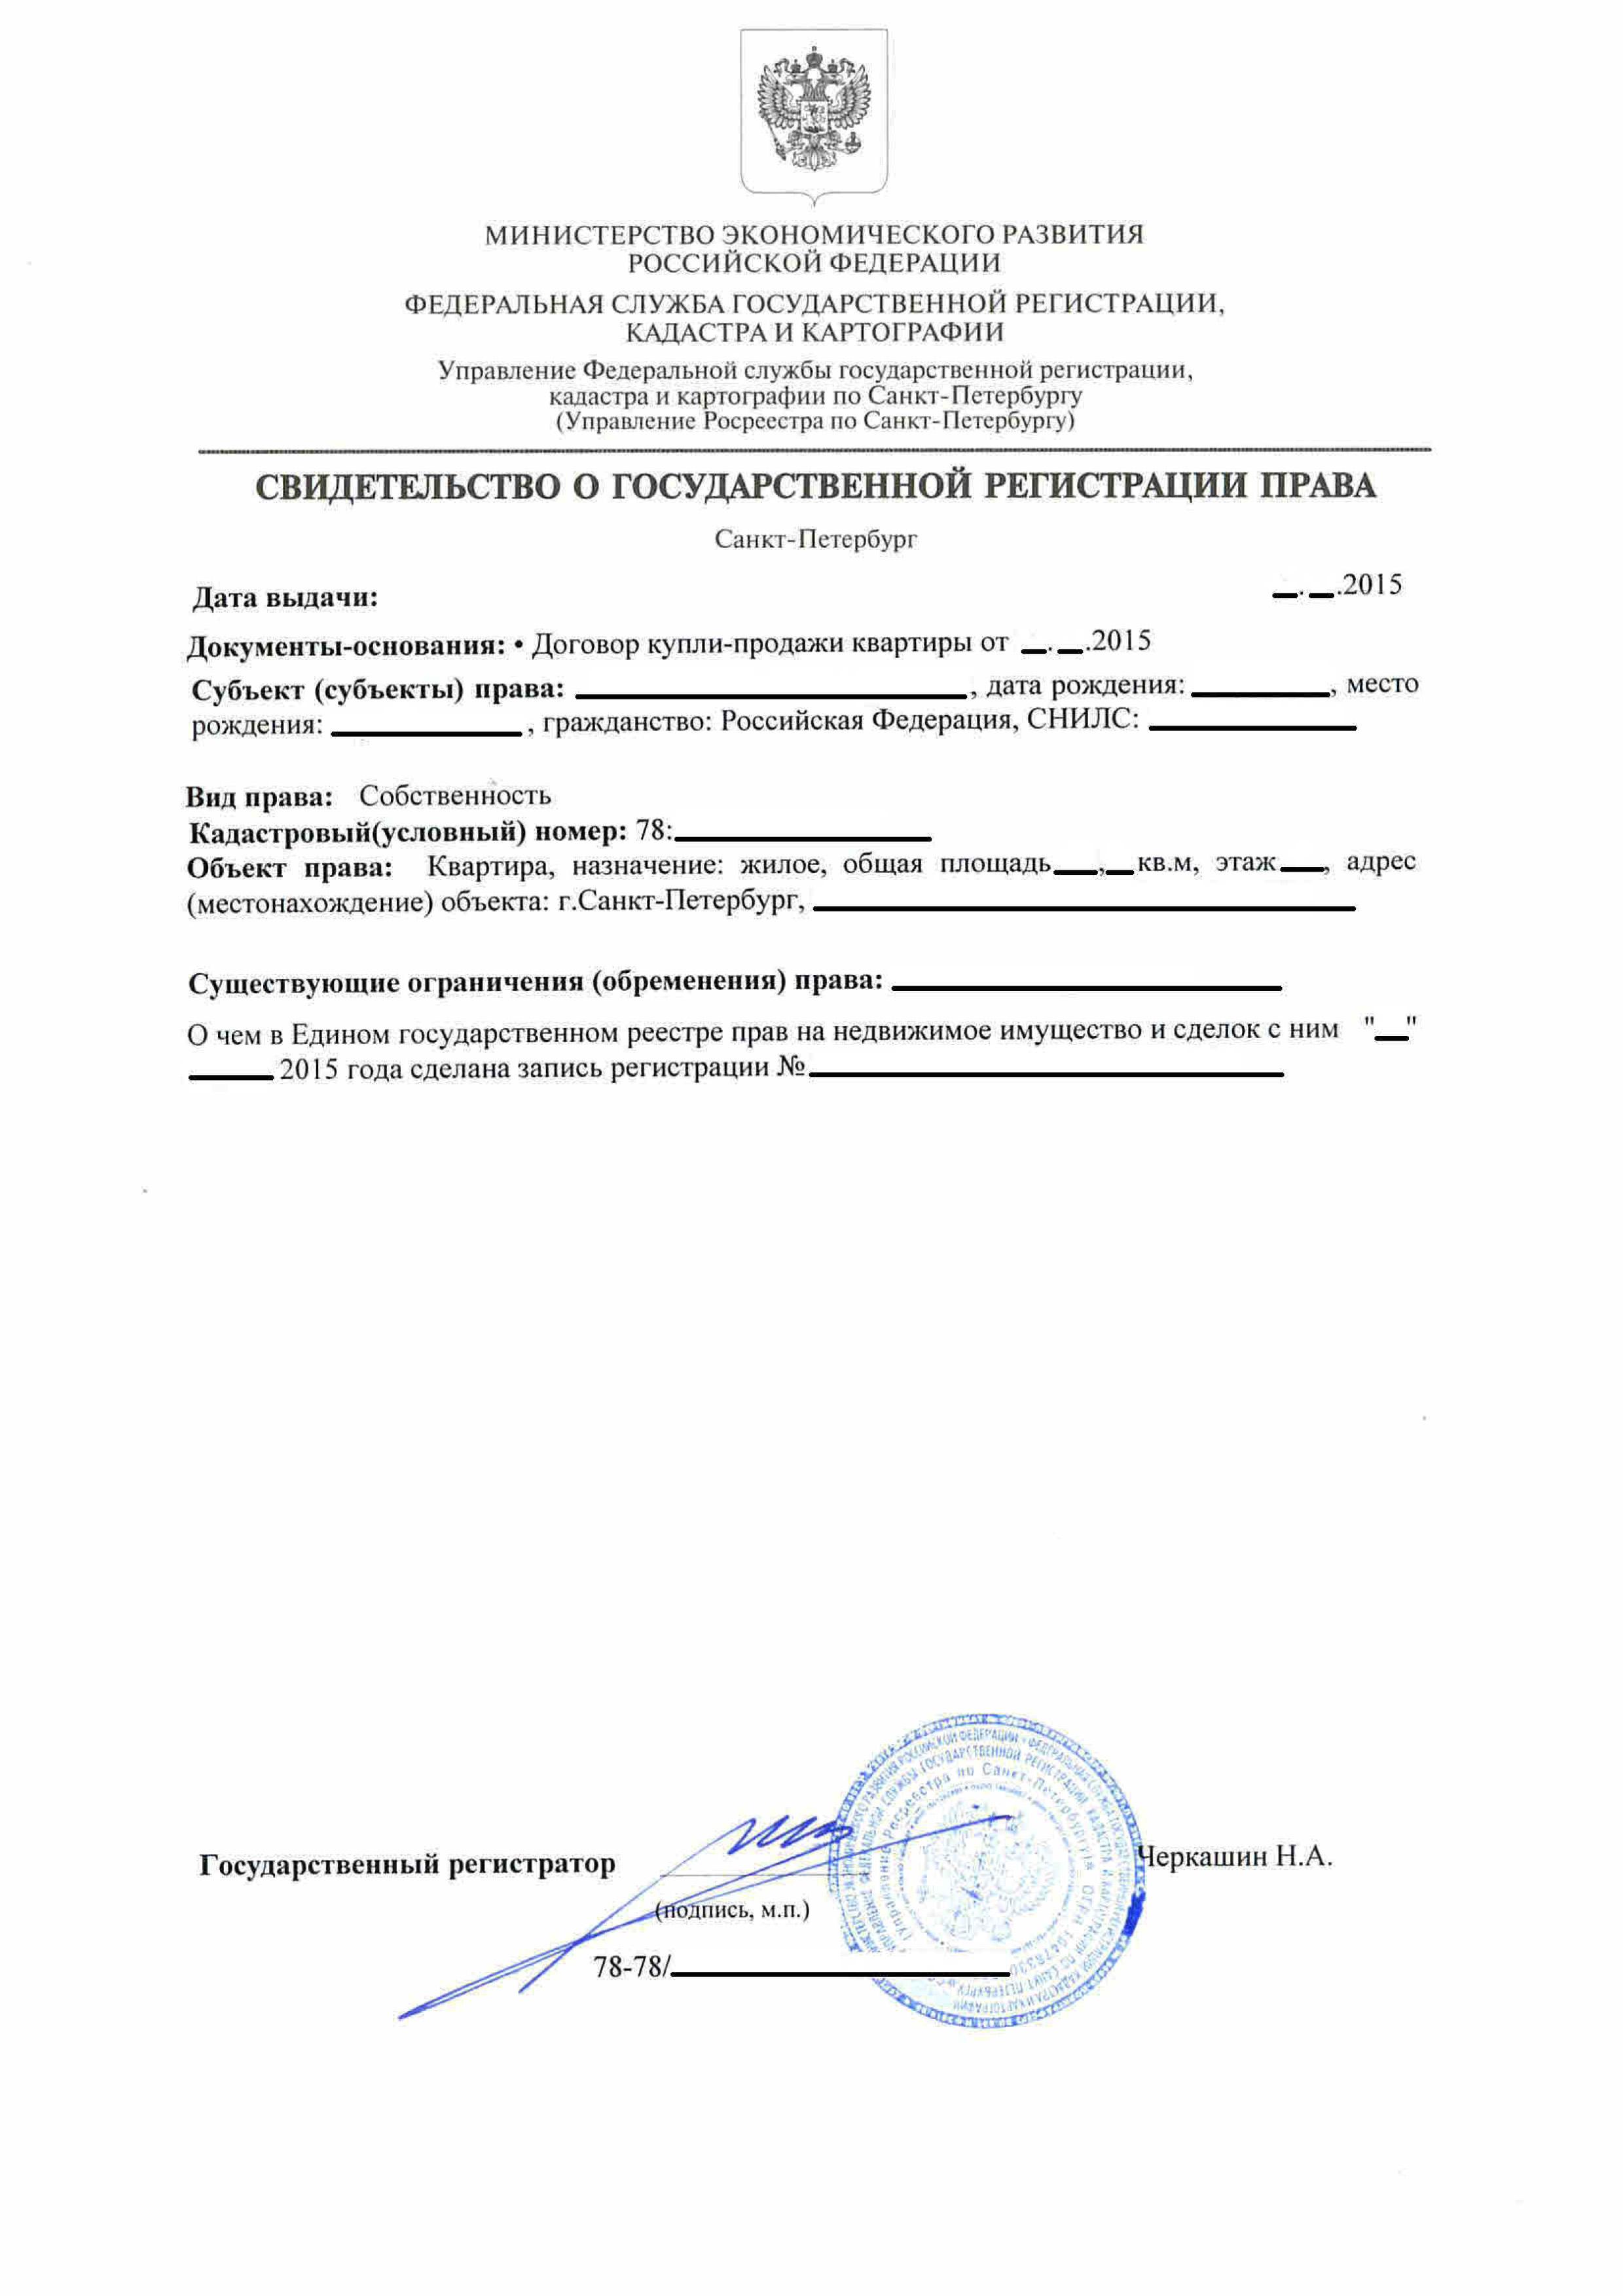 анкета на загранпаспорт нового образца бланк киров